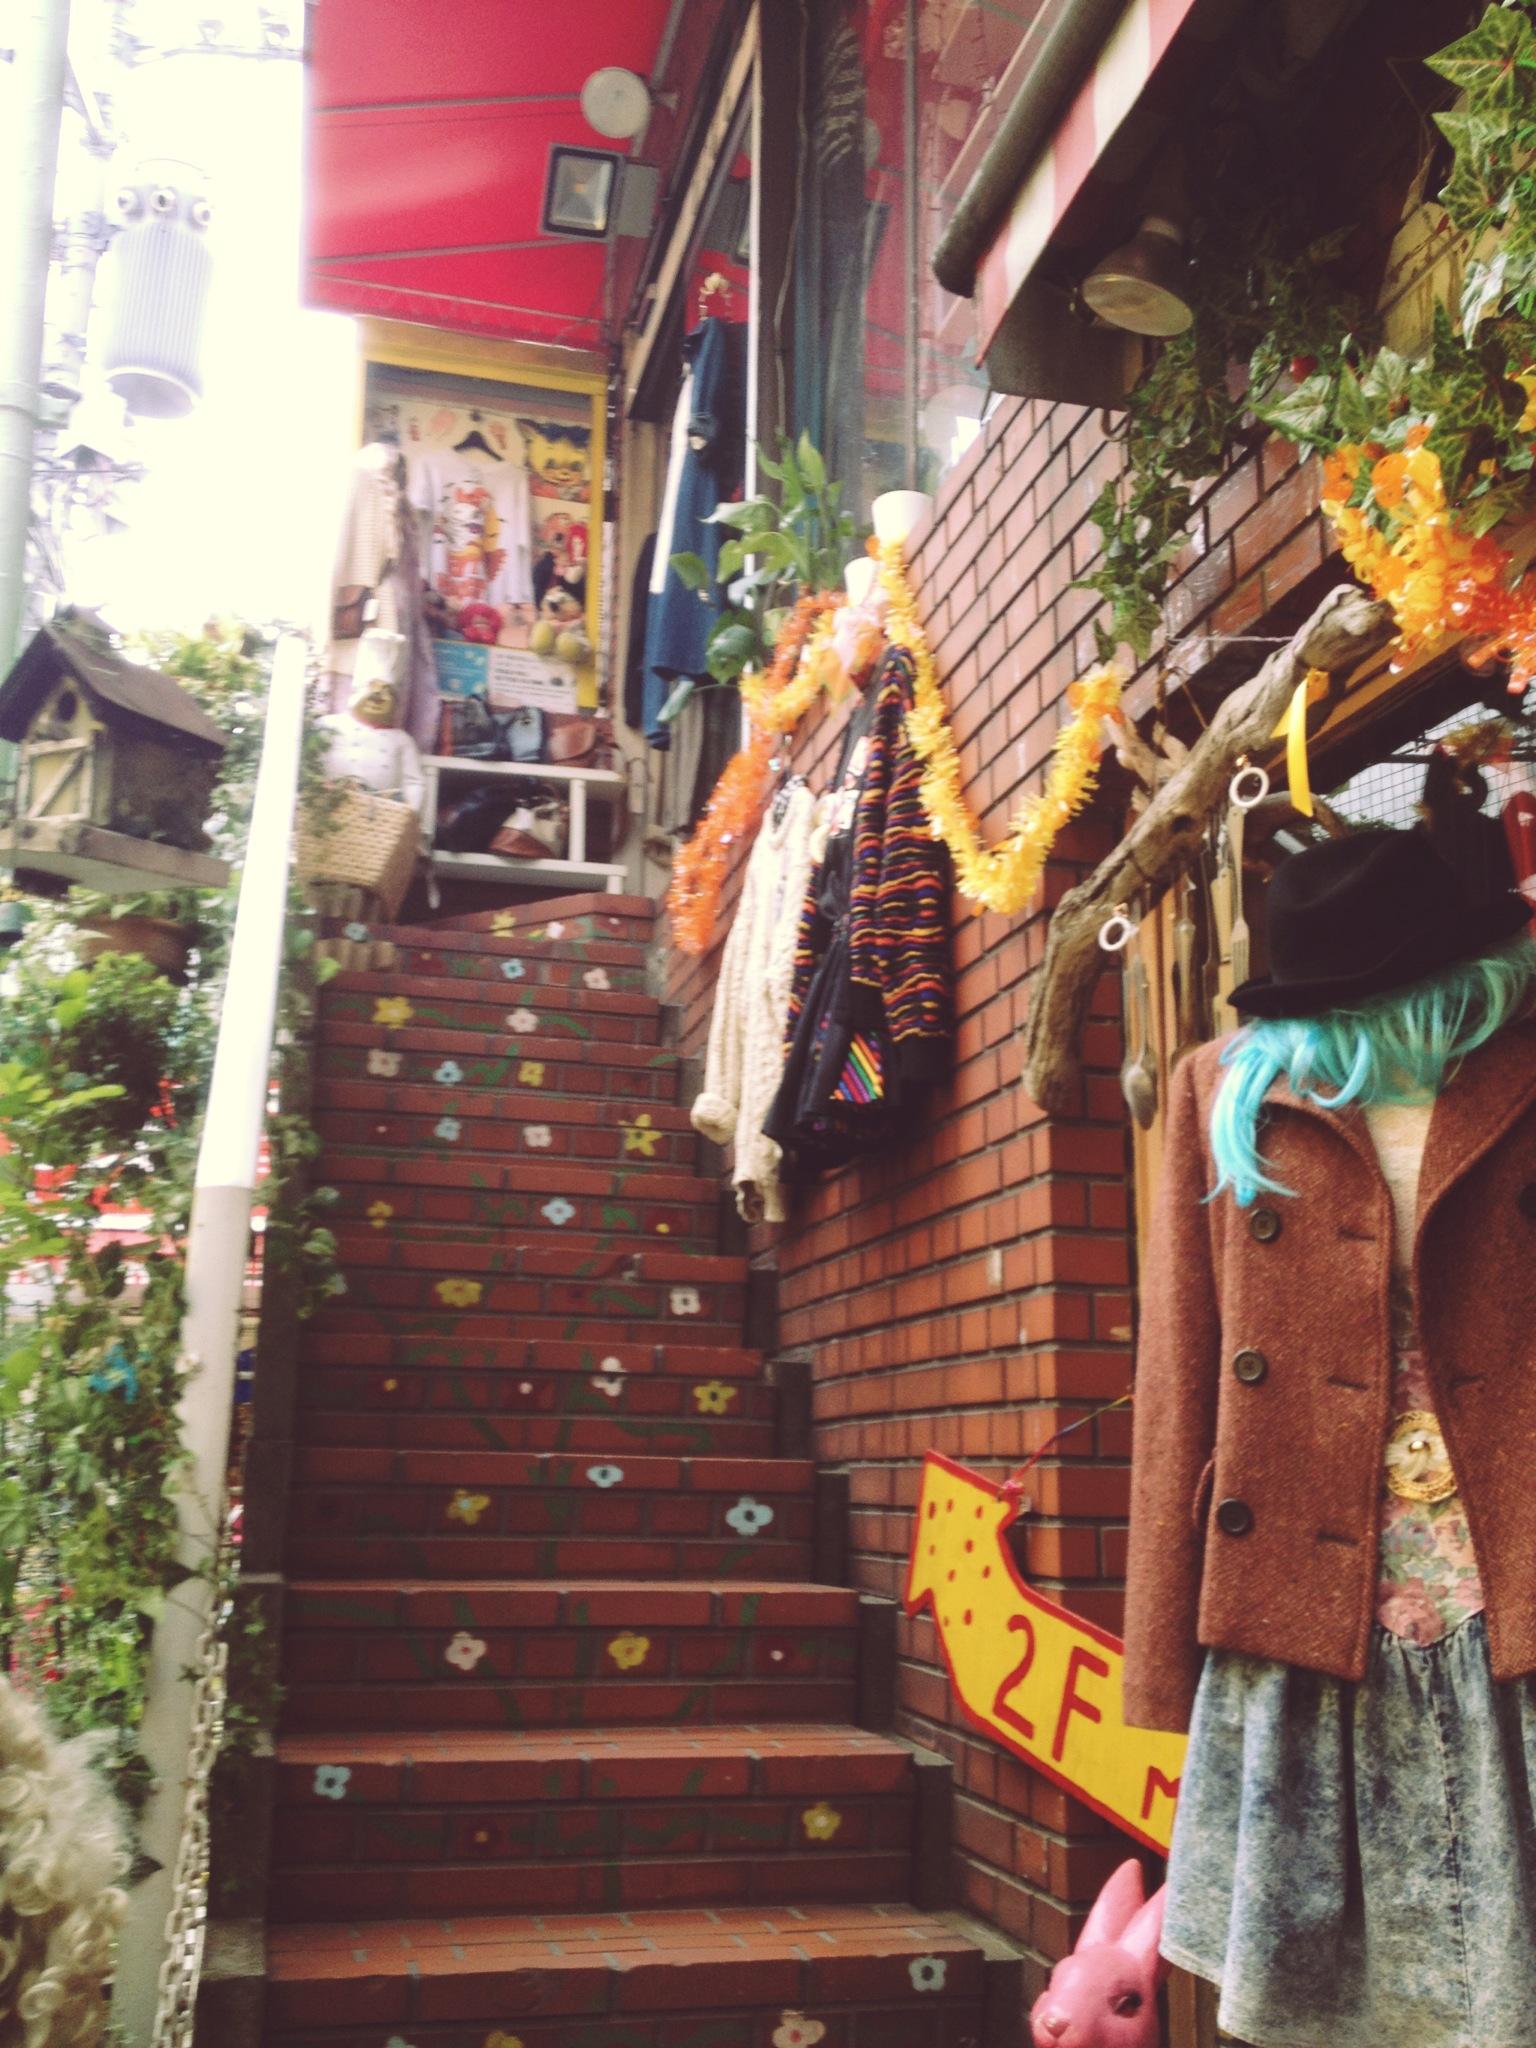 Cute vintage store in Harajuku